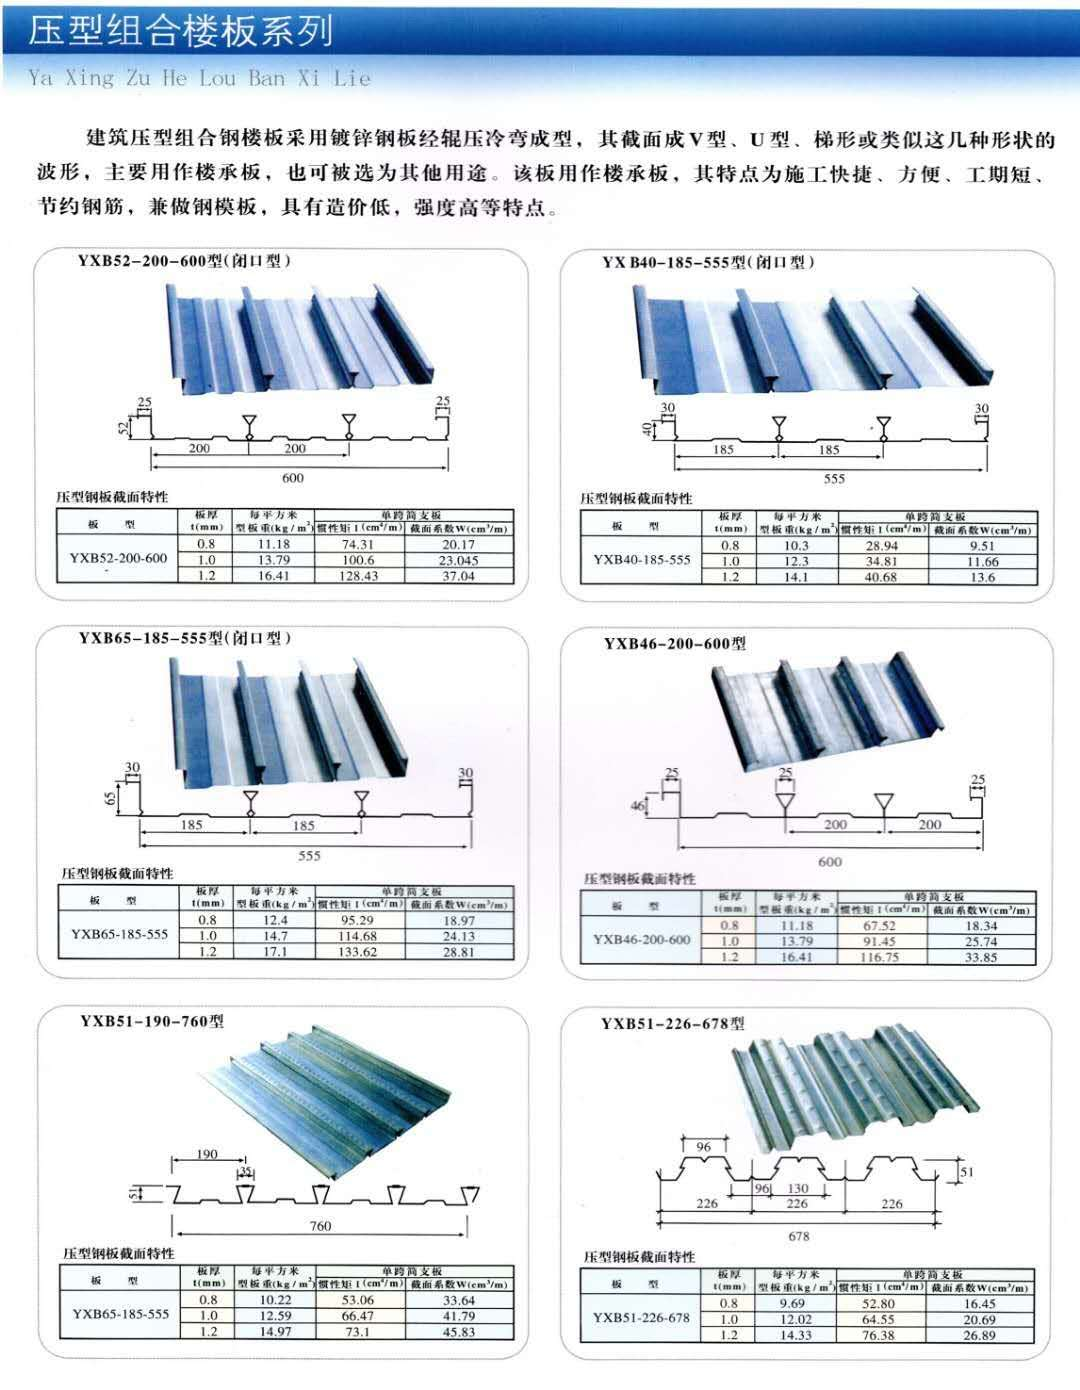 钢材框架工程供应商 钢材框架工程厂家批发 钢材框架工价格 钢材框架工图片  钢材框架工程